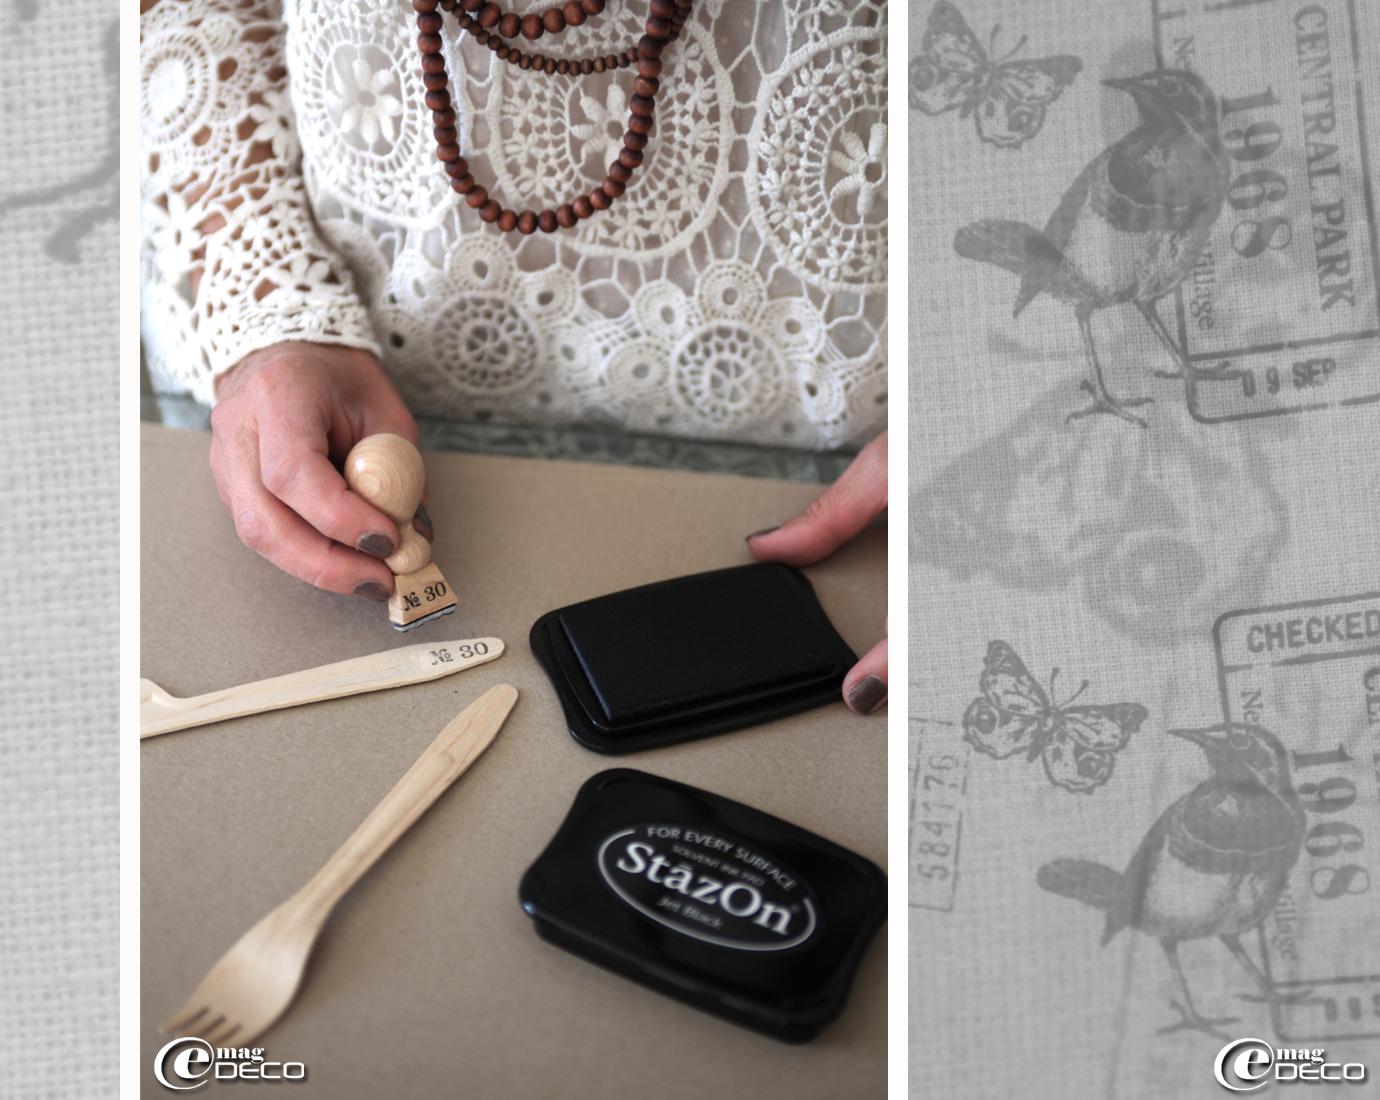 Réalisation de couverts numérotés avec un tampon encreur